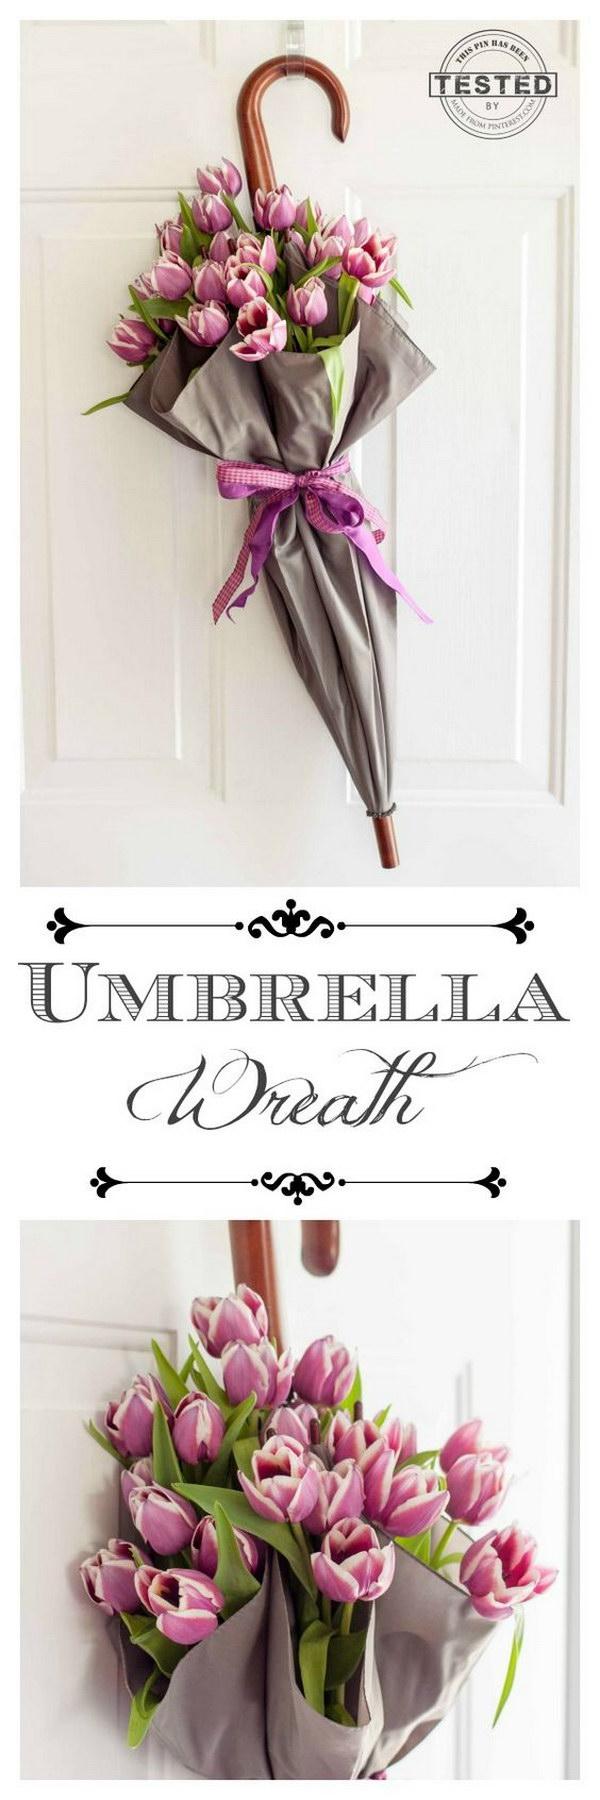 DIY Umbrella Spring Wreath